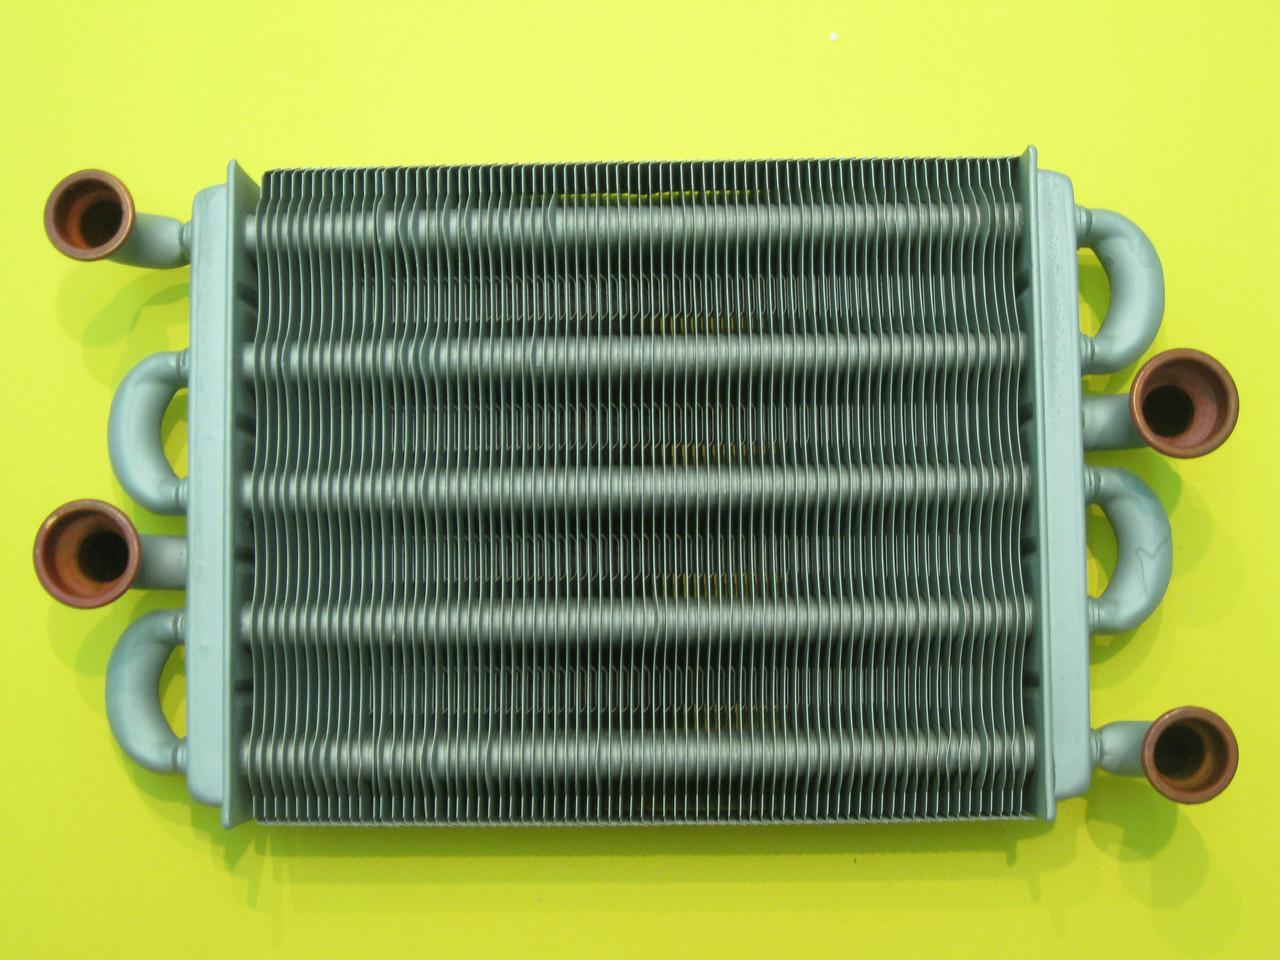 Теплообменник битермический 3003202564 (D003202564) Demrad Nepto HKT2